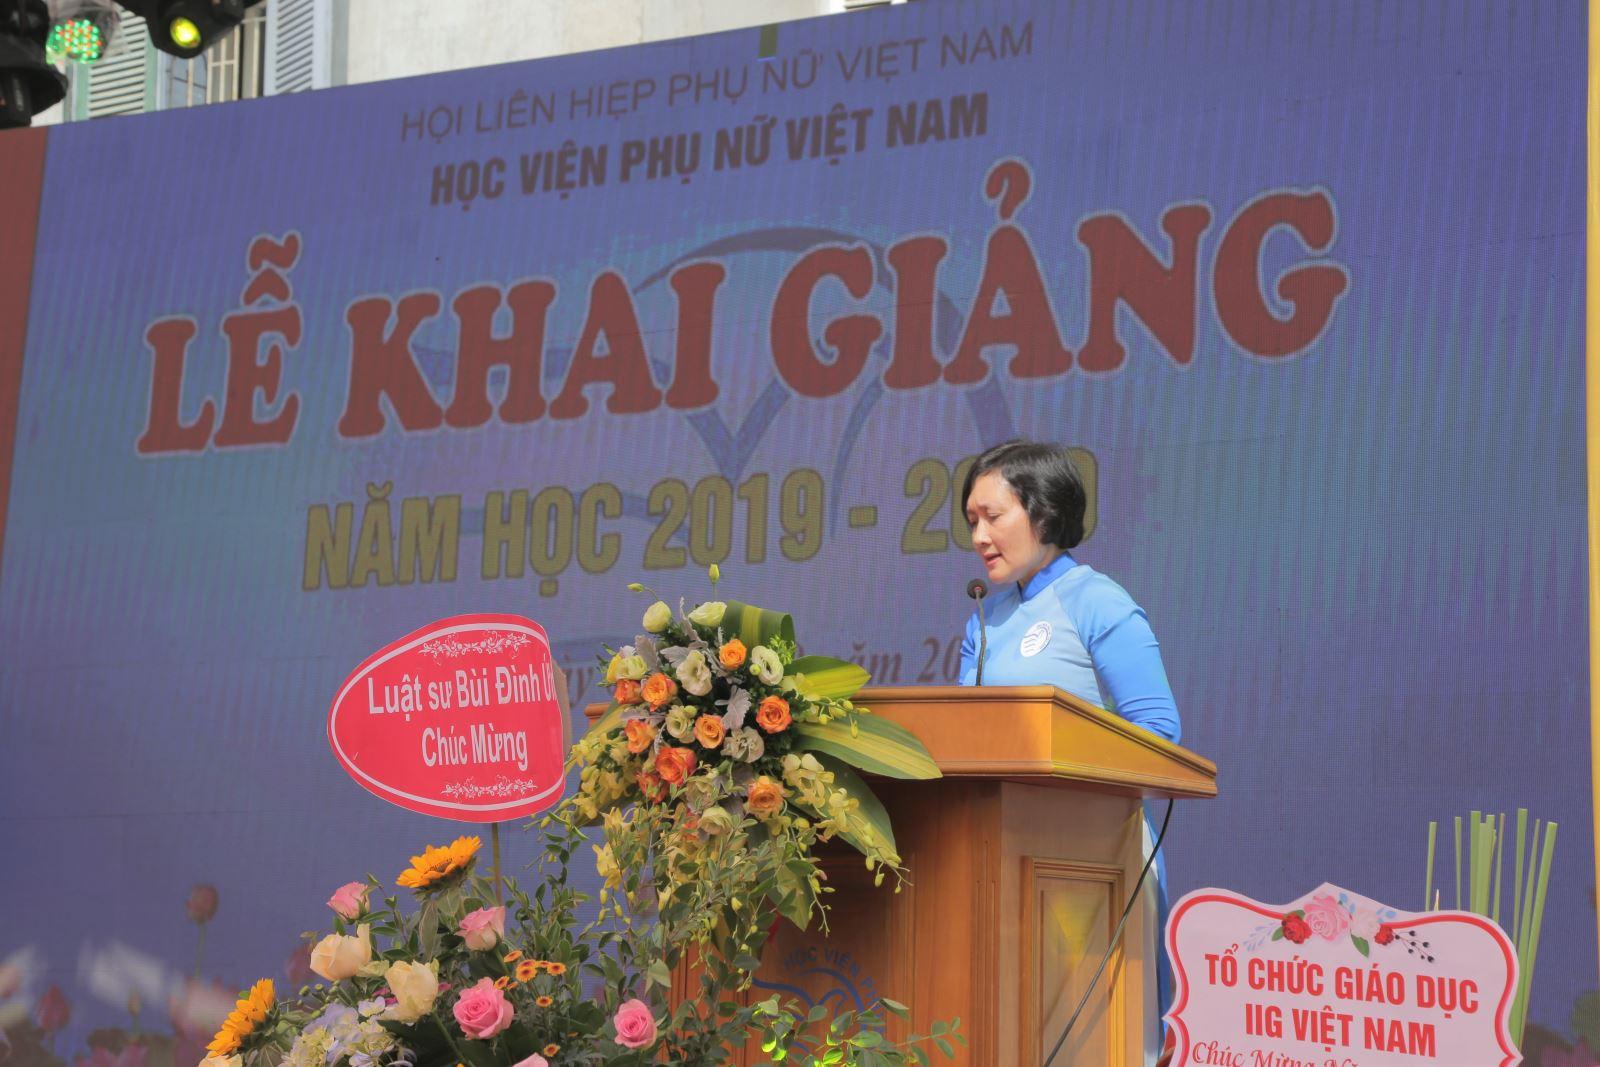 Học viện Phụ nữ Việt Nam tổ chức lễ khai giảng năm học 2019 – 2020 và trao bằng cử nhân cho sinh viên khóa III